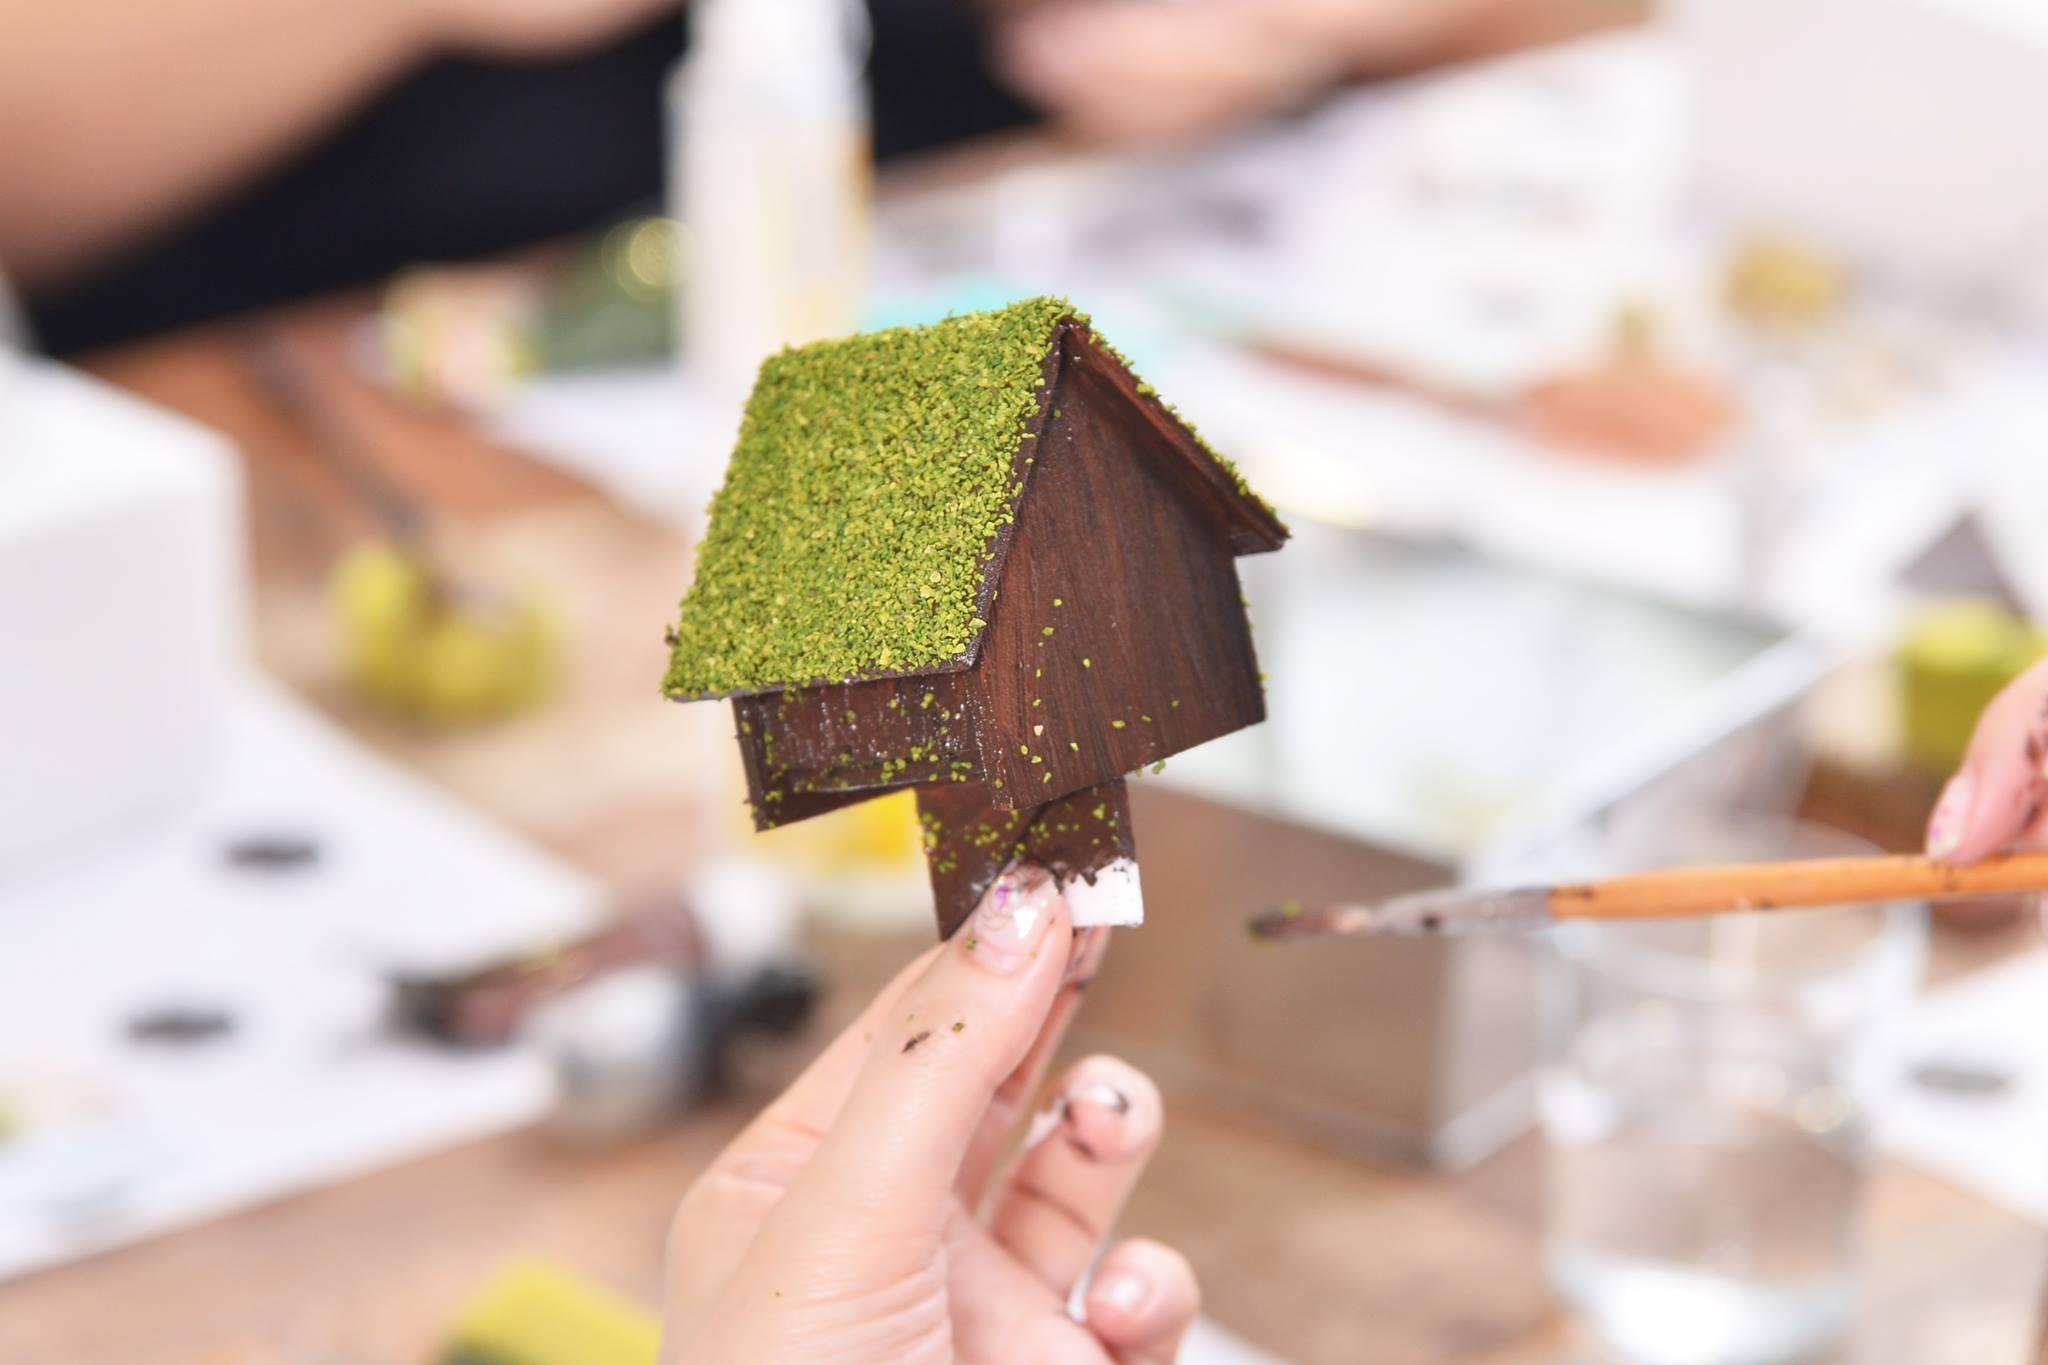 特製小屋子,彩繪自己的小屋,調色、上色、黏製都是非常有趣的事情喔